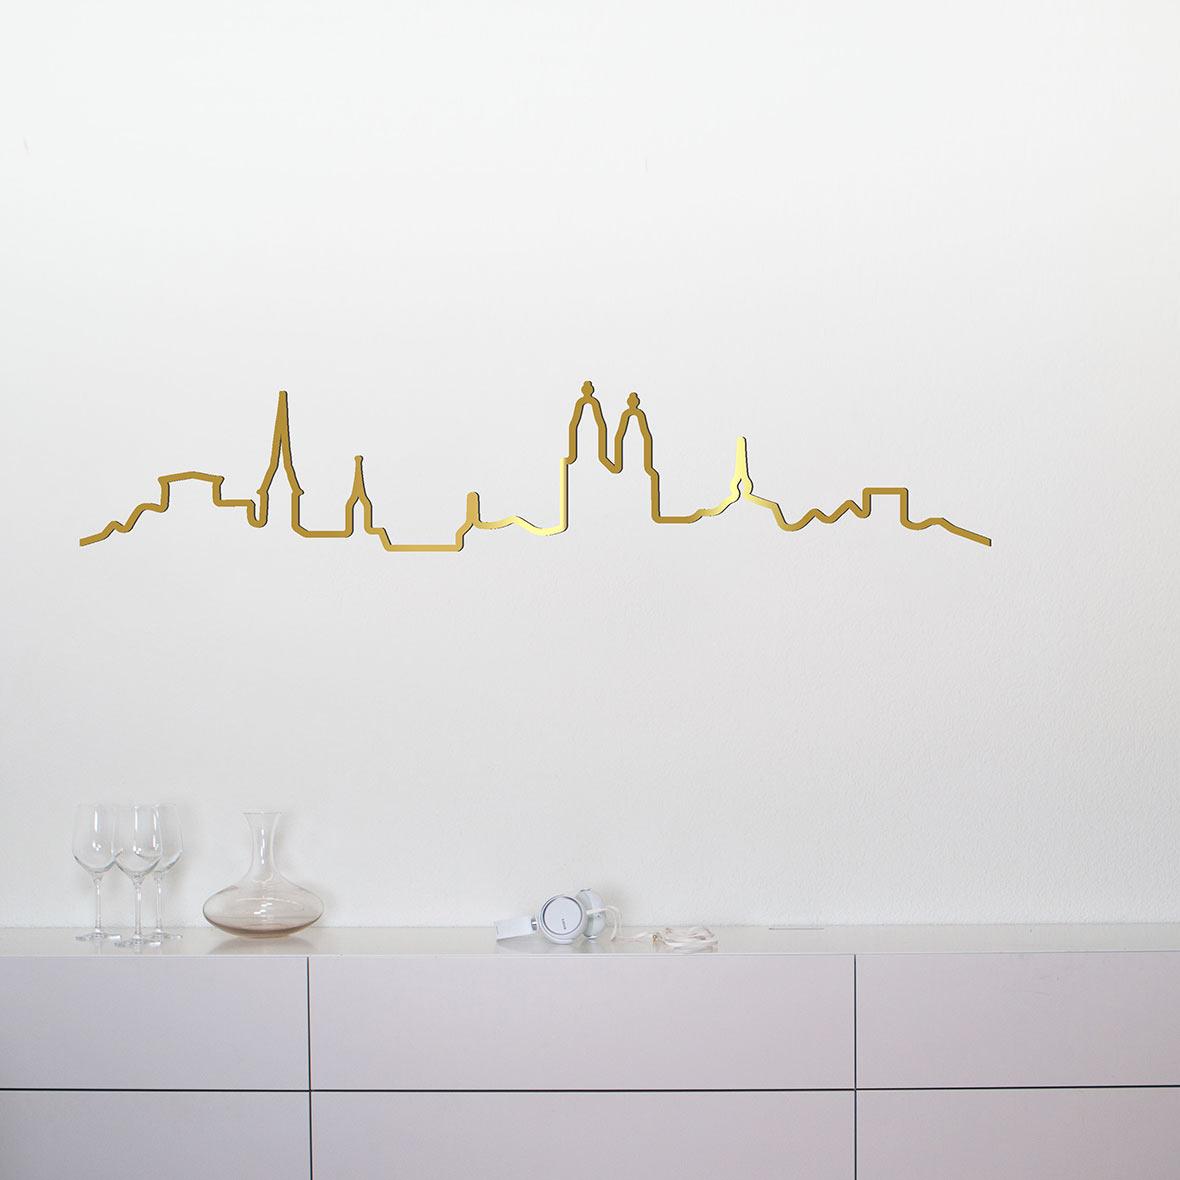 Wandleuchte Kontura City Special Edition - Zürich - unbeleuchtet - messing